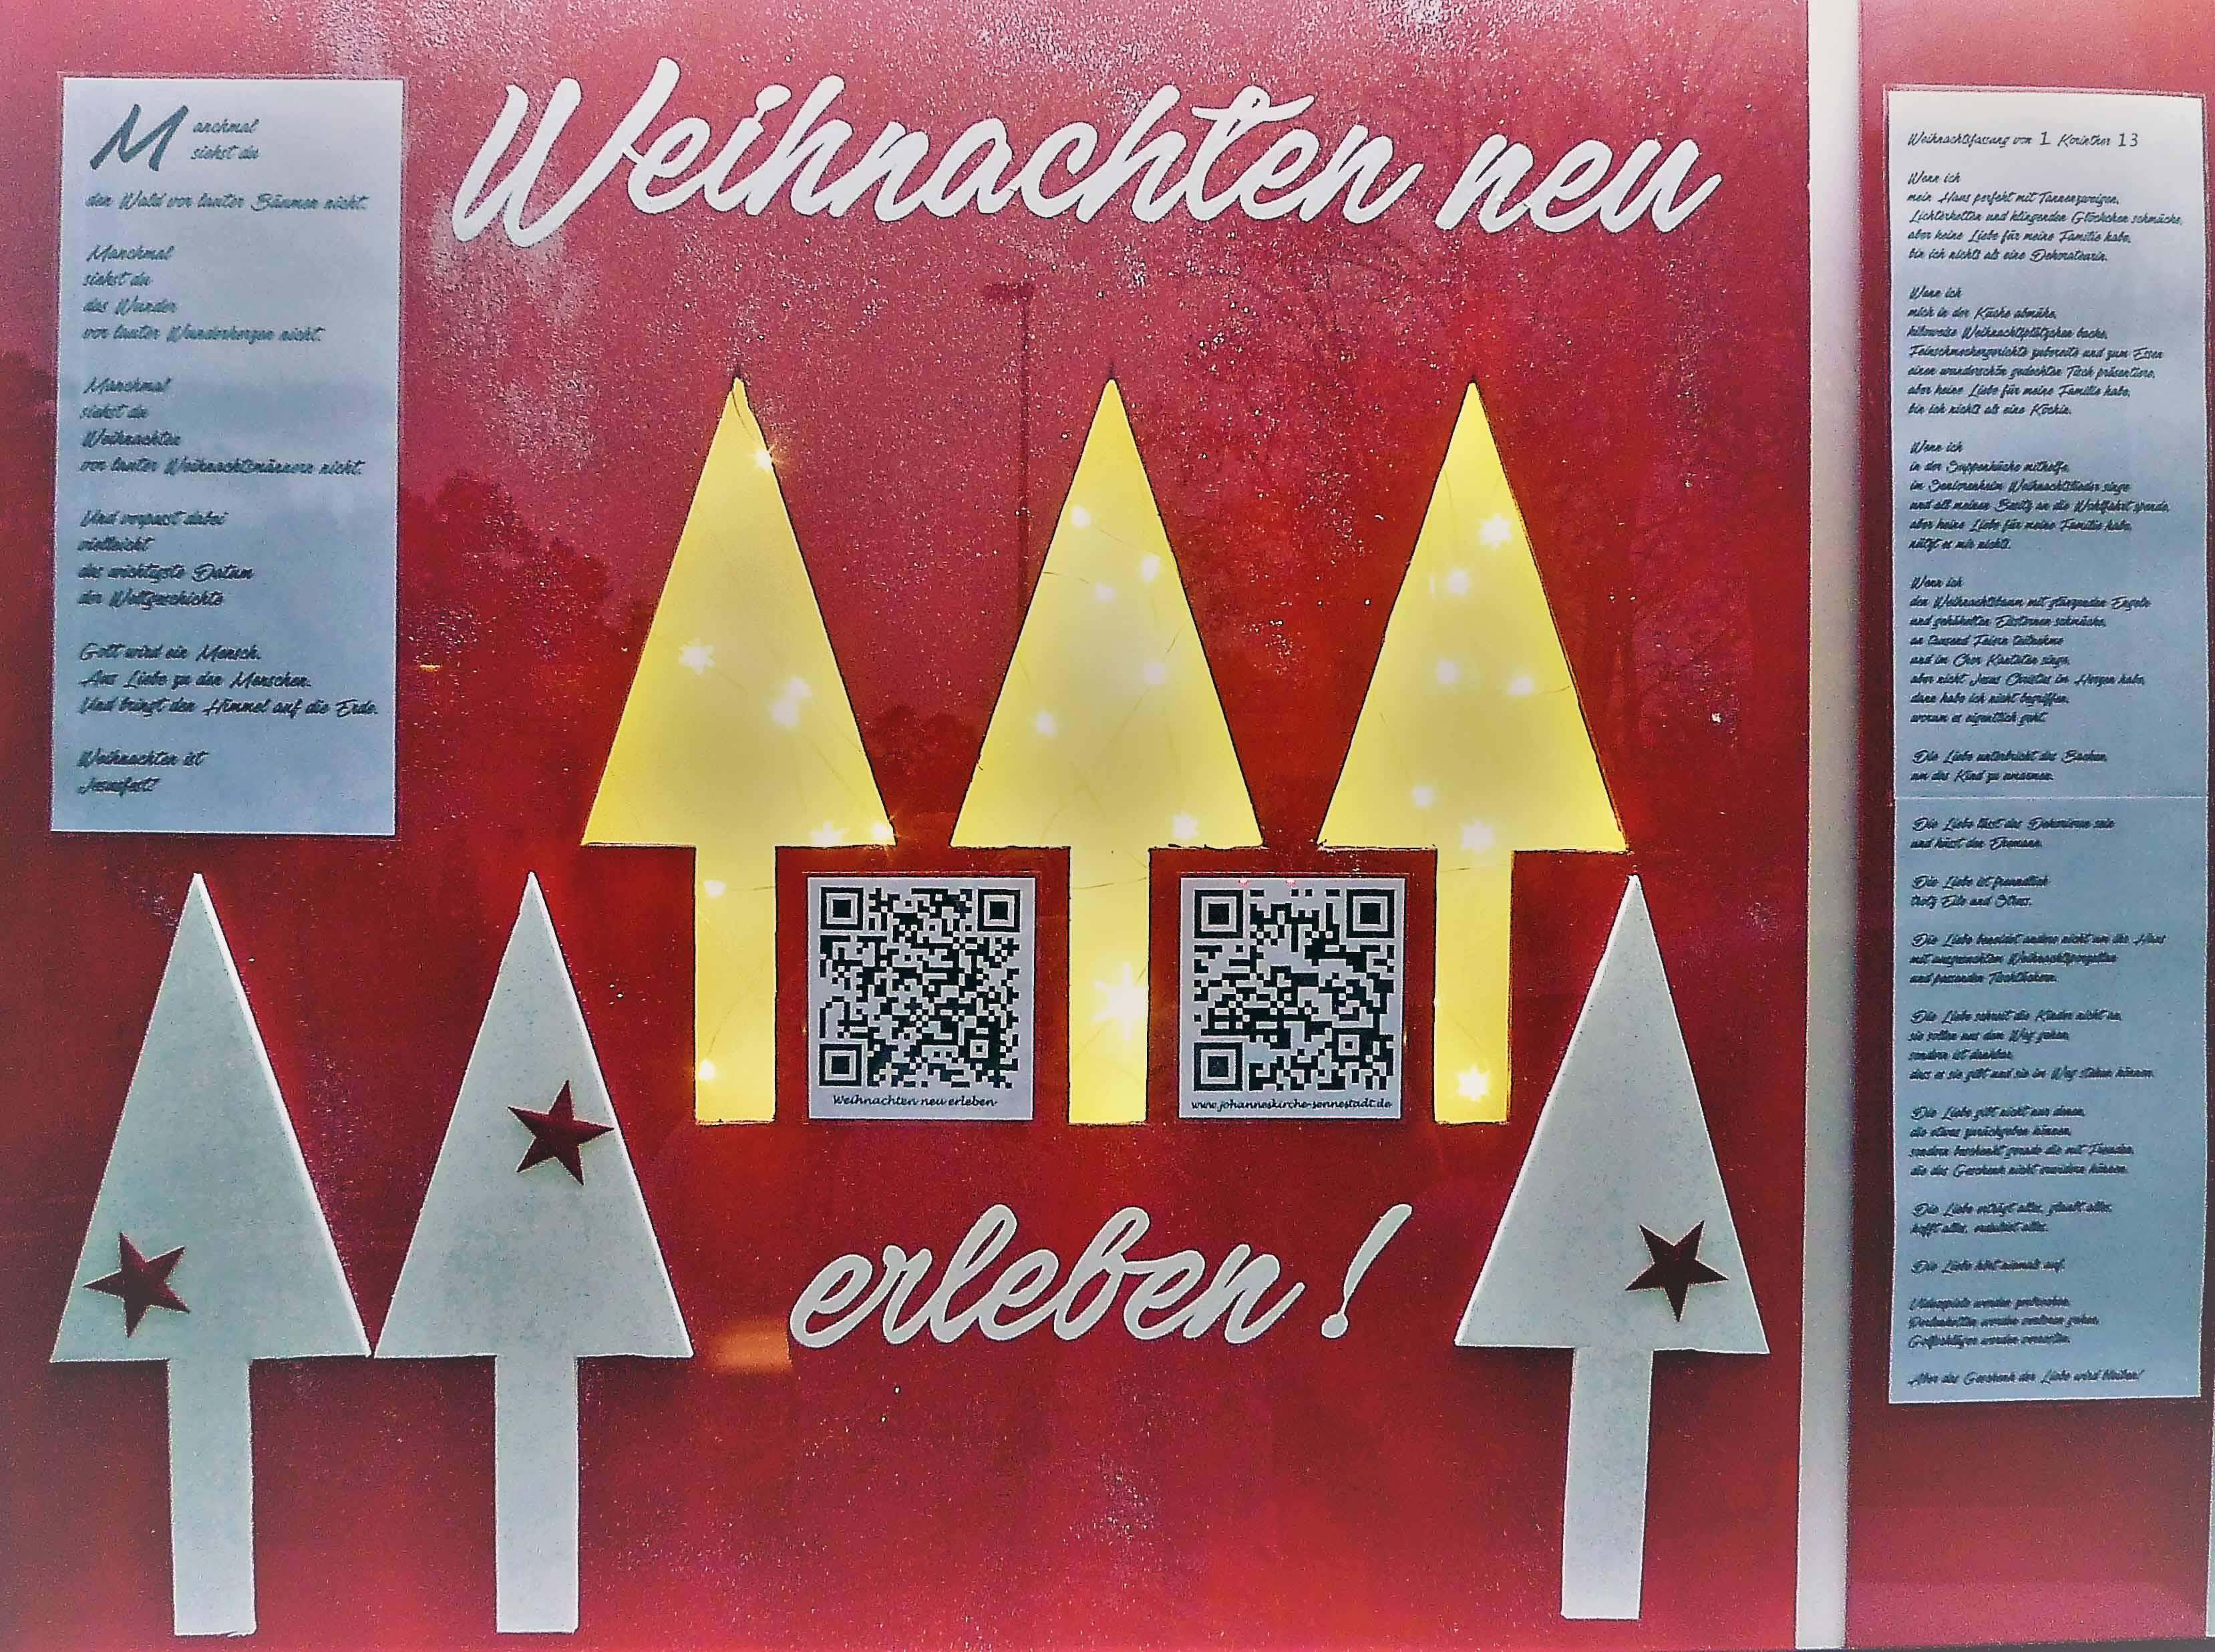 Weihnachten_neu_erleben_mit_Filter_Zeke_2020.jpg